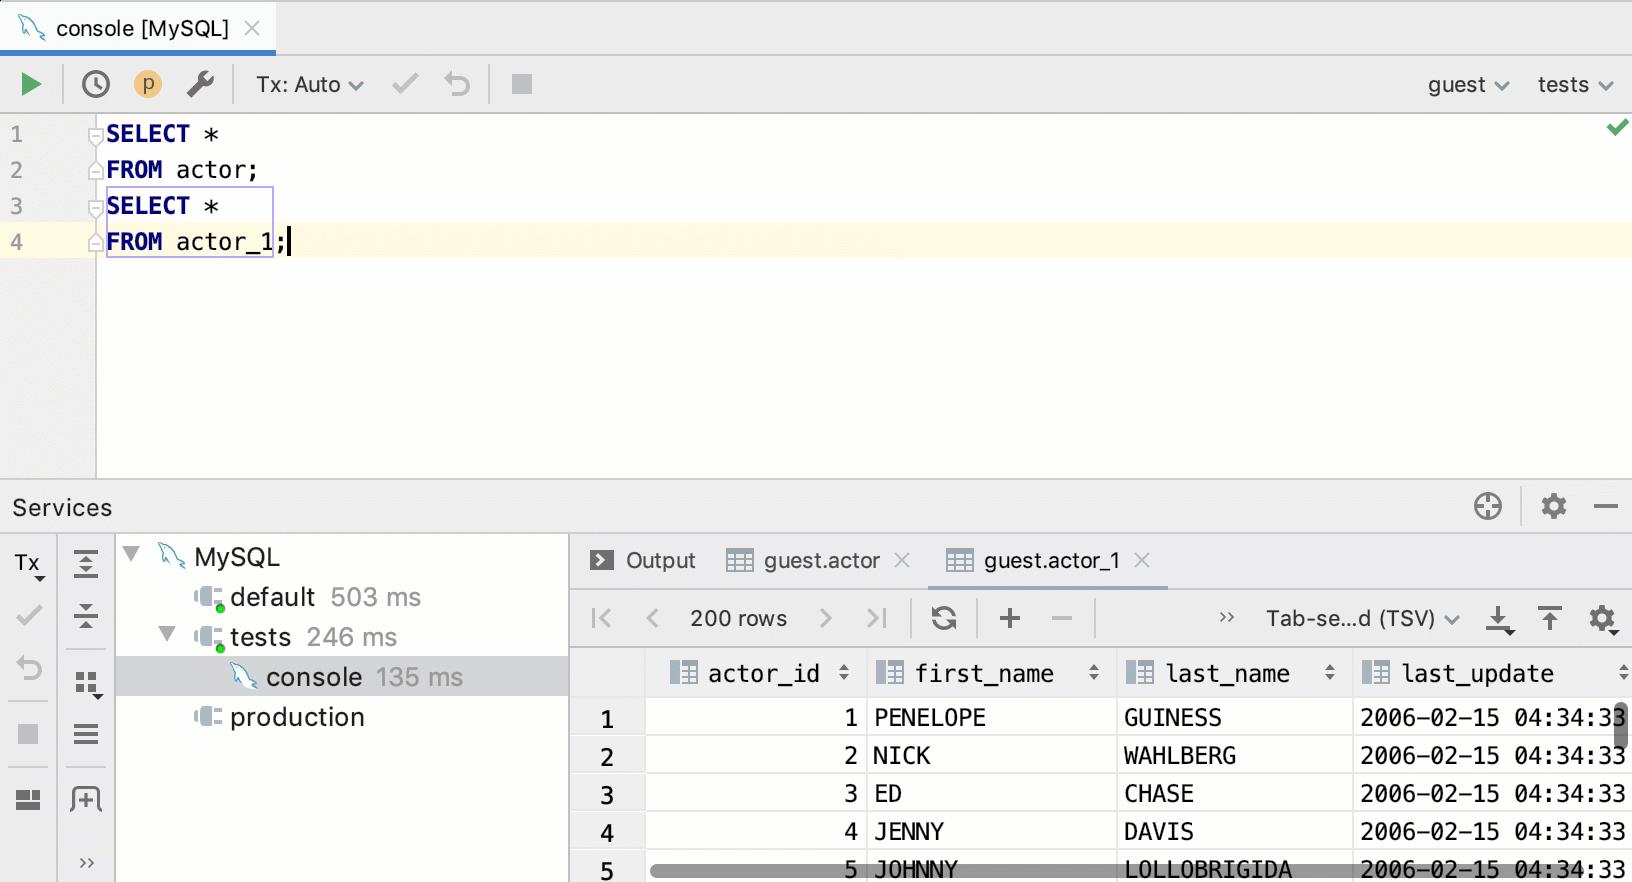 SQL statements - Help | IntelliJ IDEA